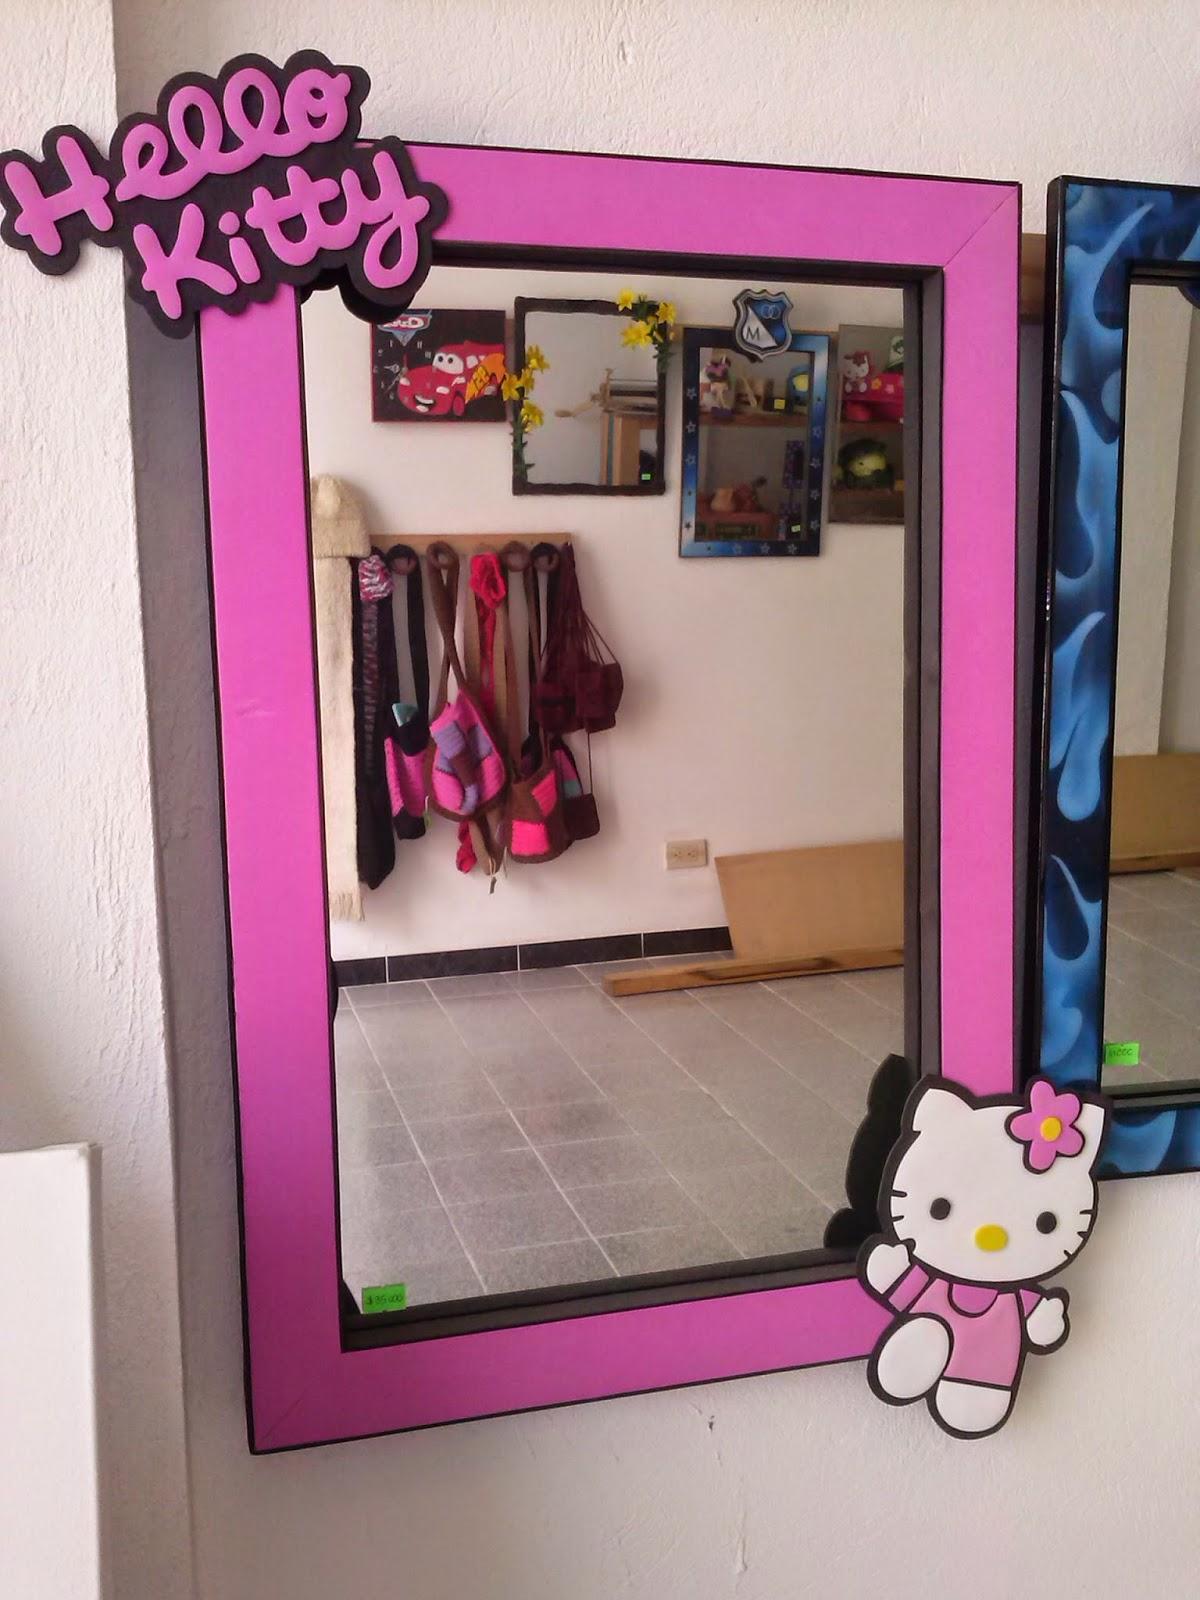 Galeria arte y dise o madekids marcos para espejos for Cuanto vale un espejo grande